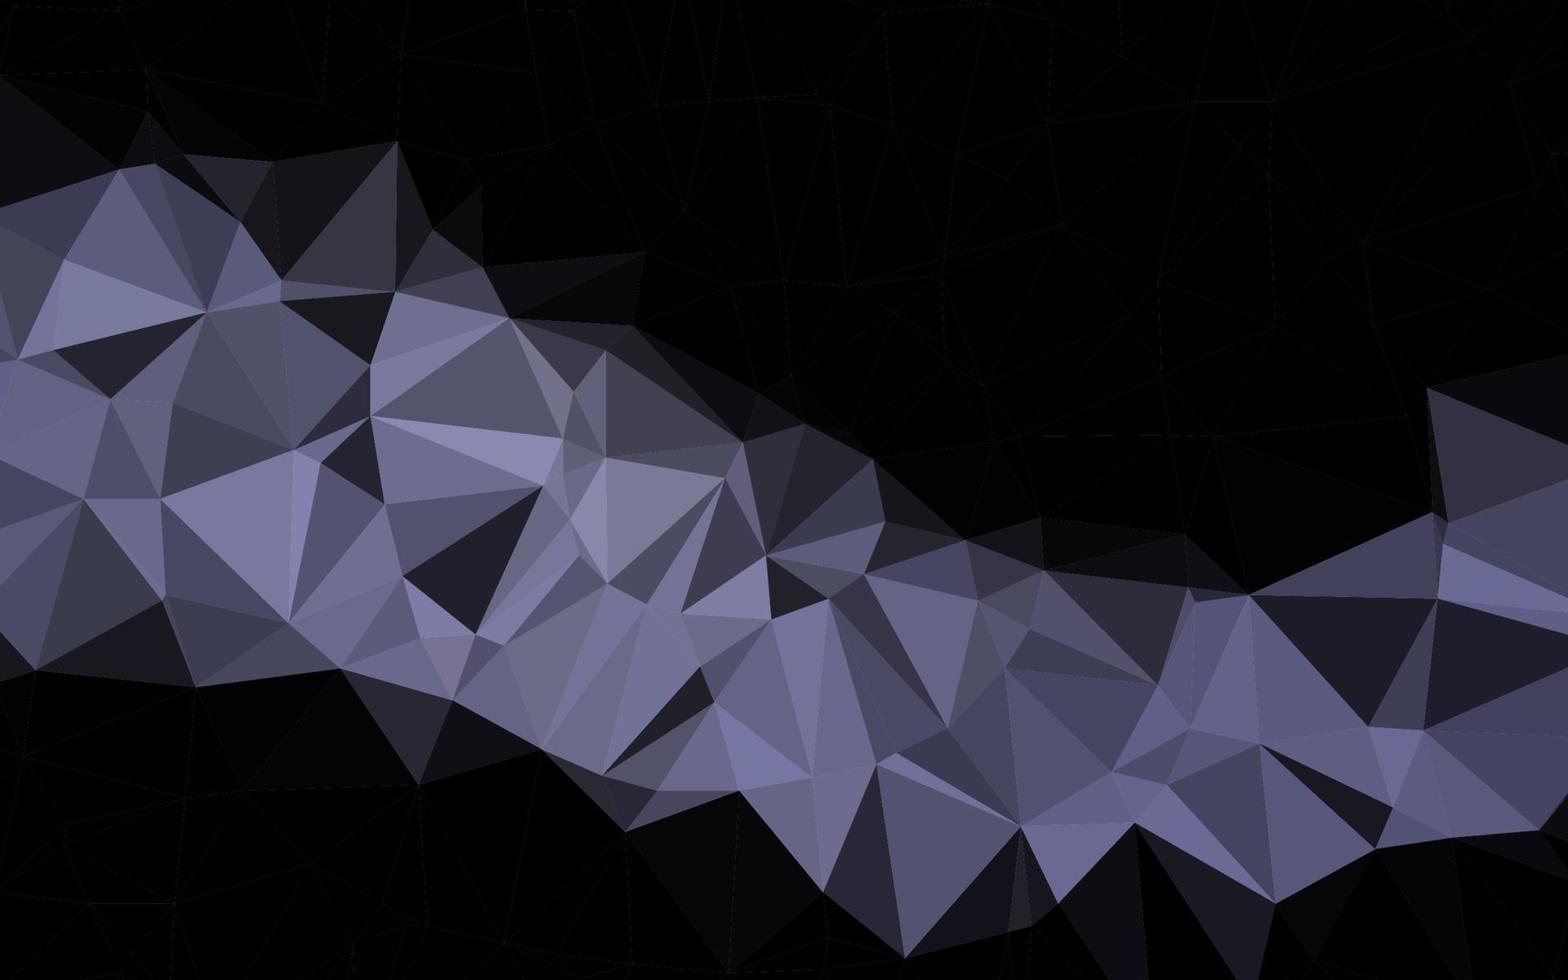 vetor preto escuro brilhando modelo triangular.